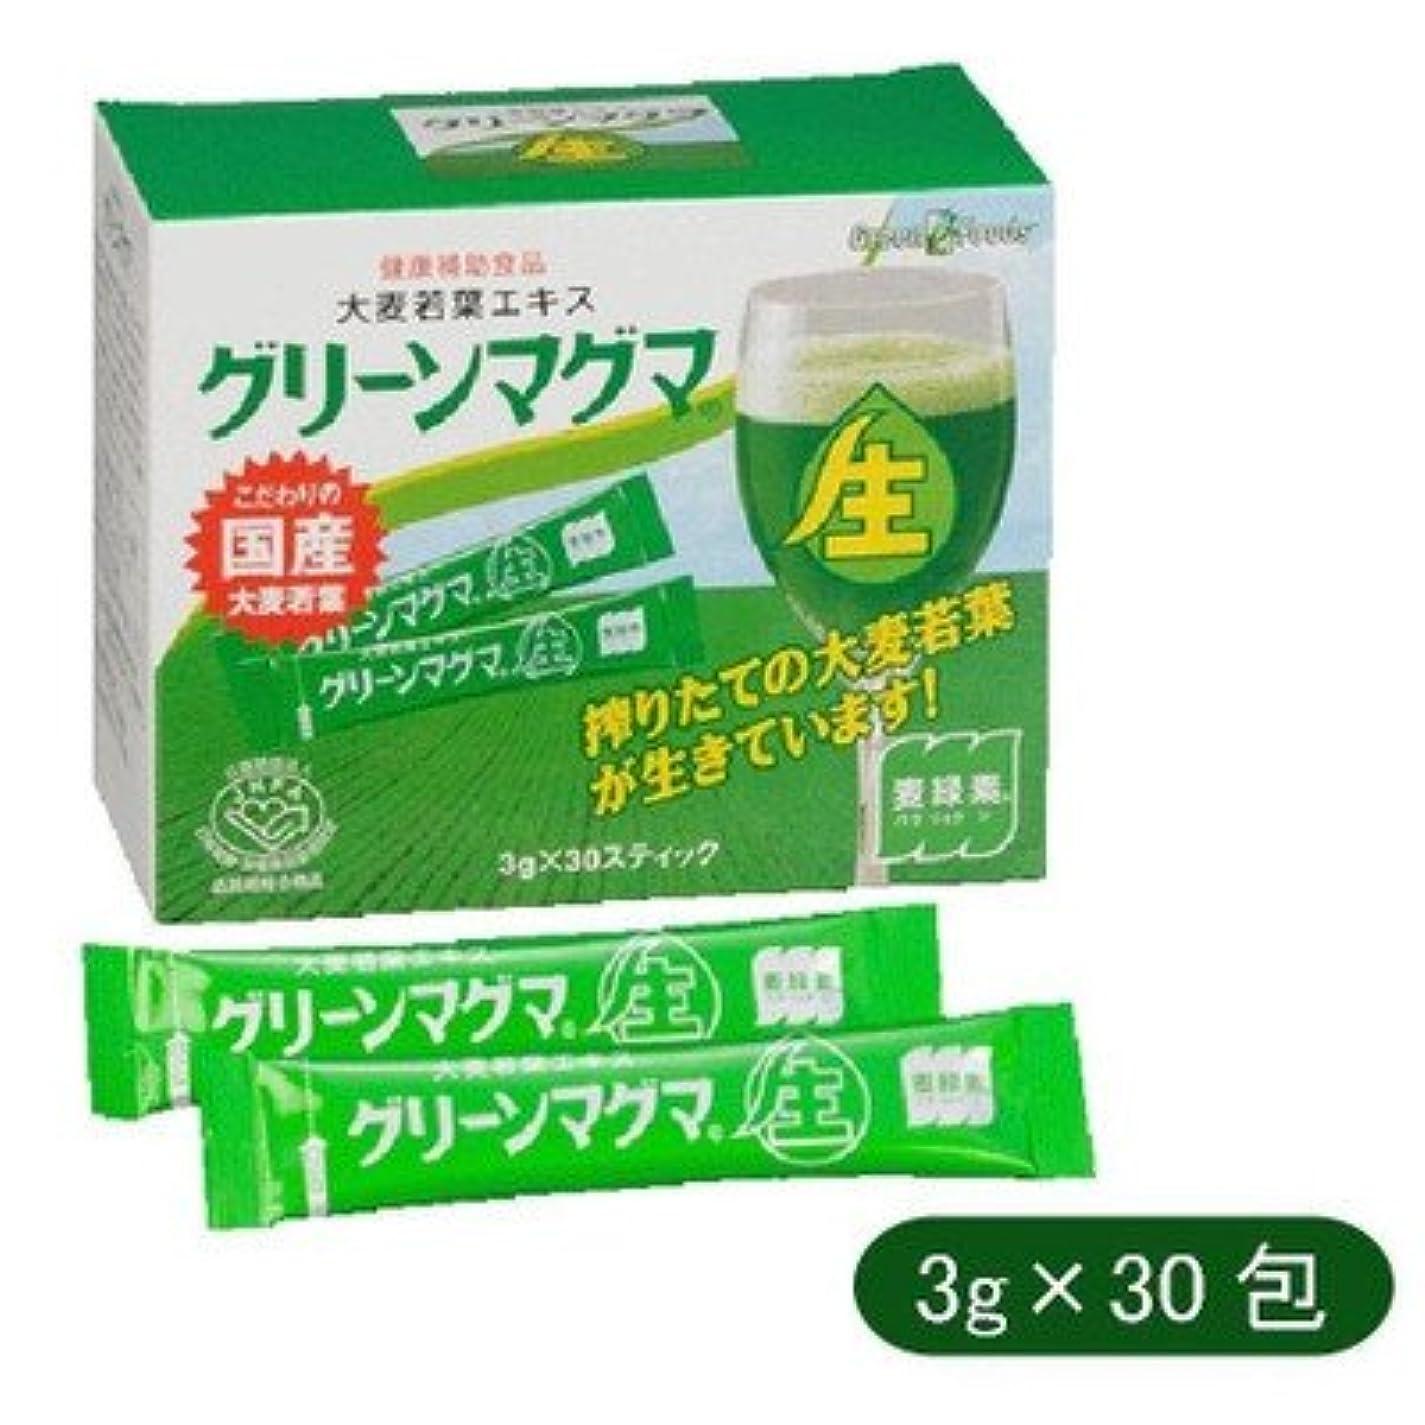 ボーナス縁石予測子日本薬品開発 大麦若葉エキス グリーンマグマ 3g×30包 642670